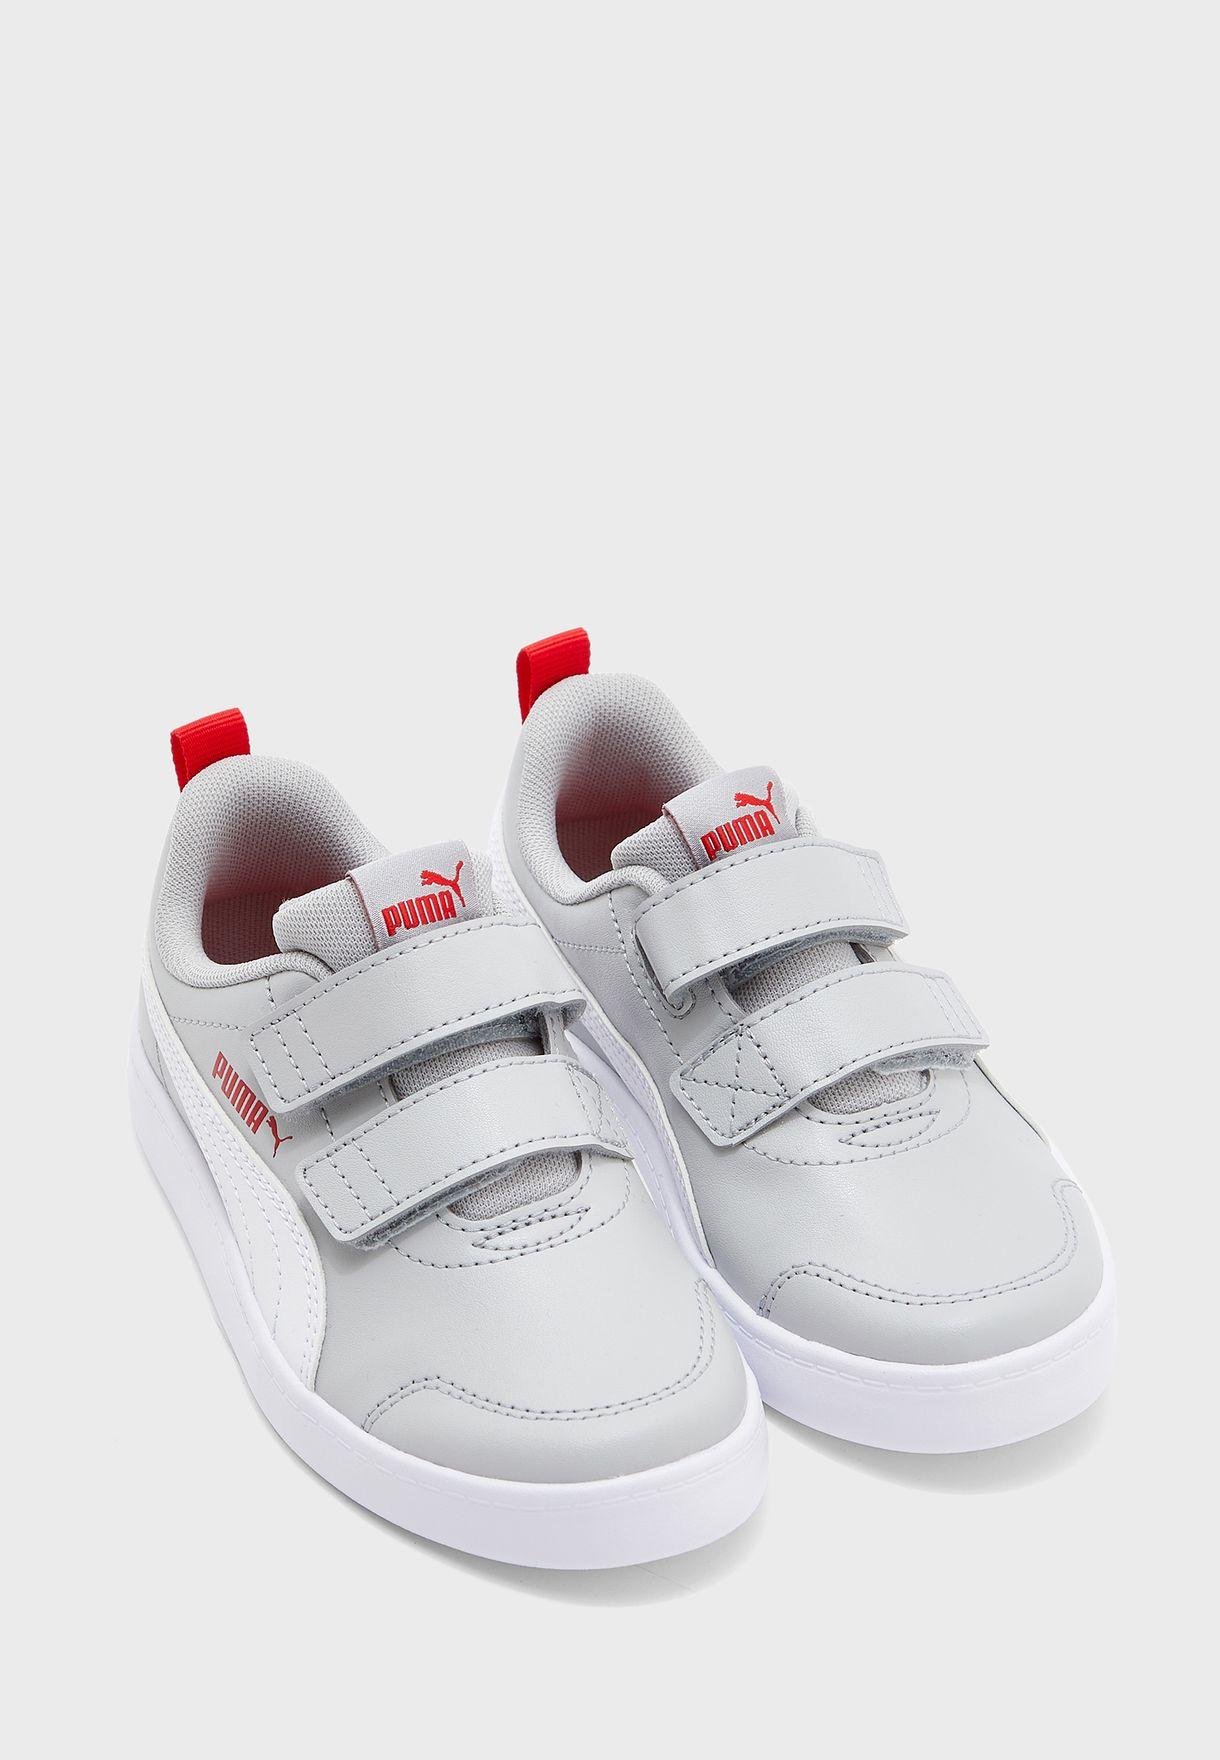 حذاء كروت فليكس في 2